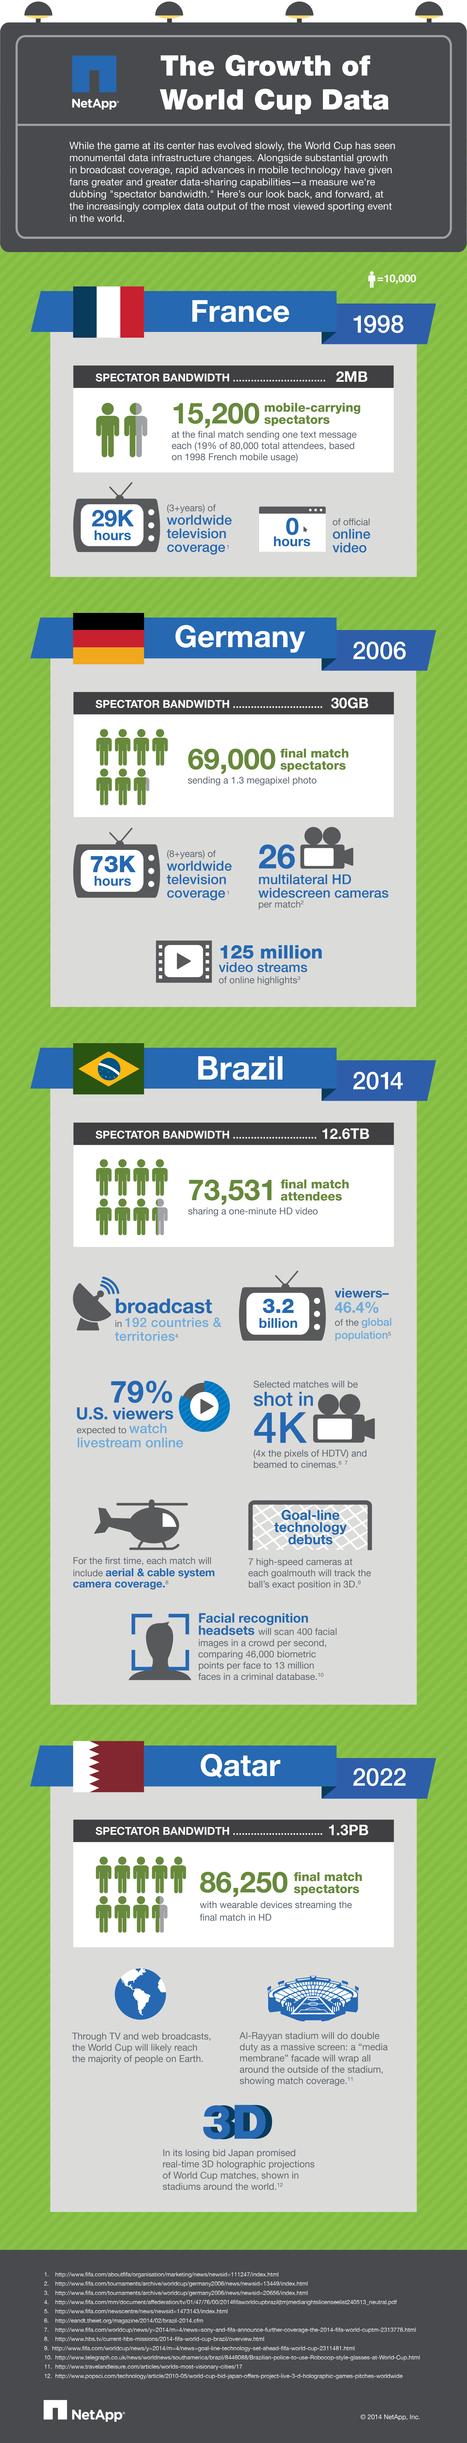 El aumento de consumo de datos en los mundiales de fútbol #infografia #infographic #marketing | Seo, Social Media Marketing | Scoop.it